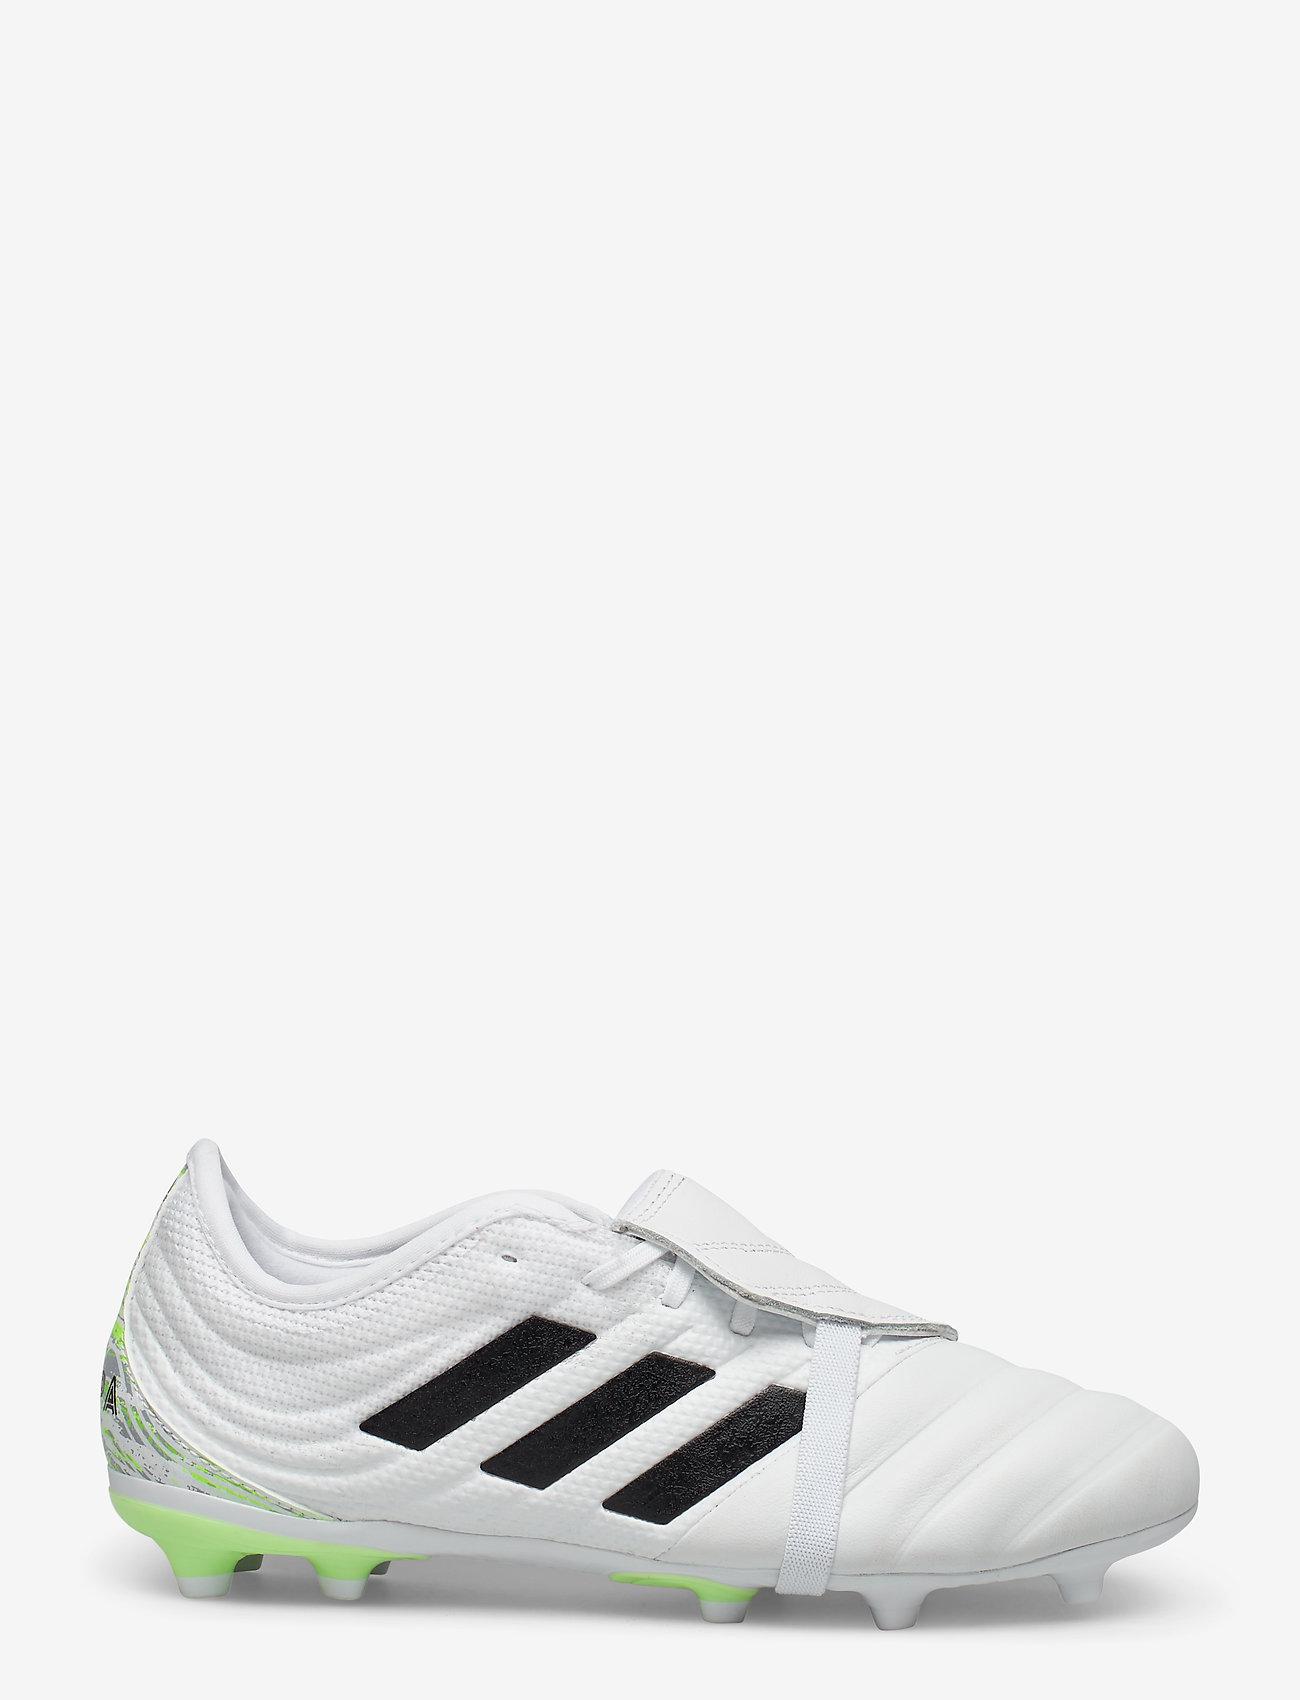 adidas Performance - COPA GLORO 20.2 FG - fotbollsskor - ftwwht/cblack/siggnr - 1